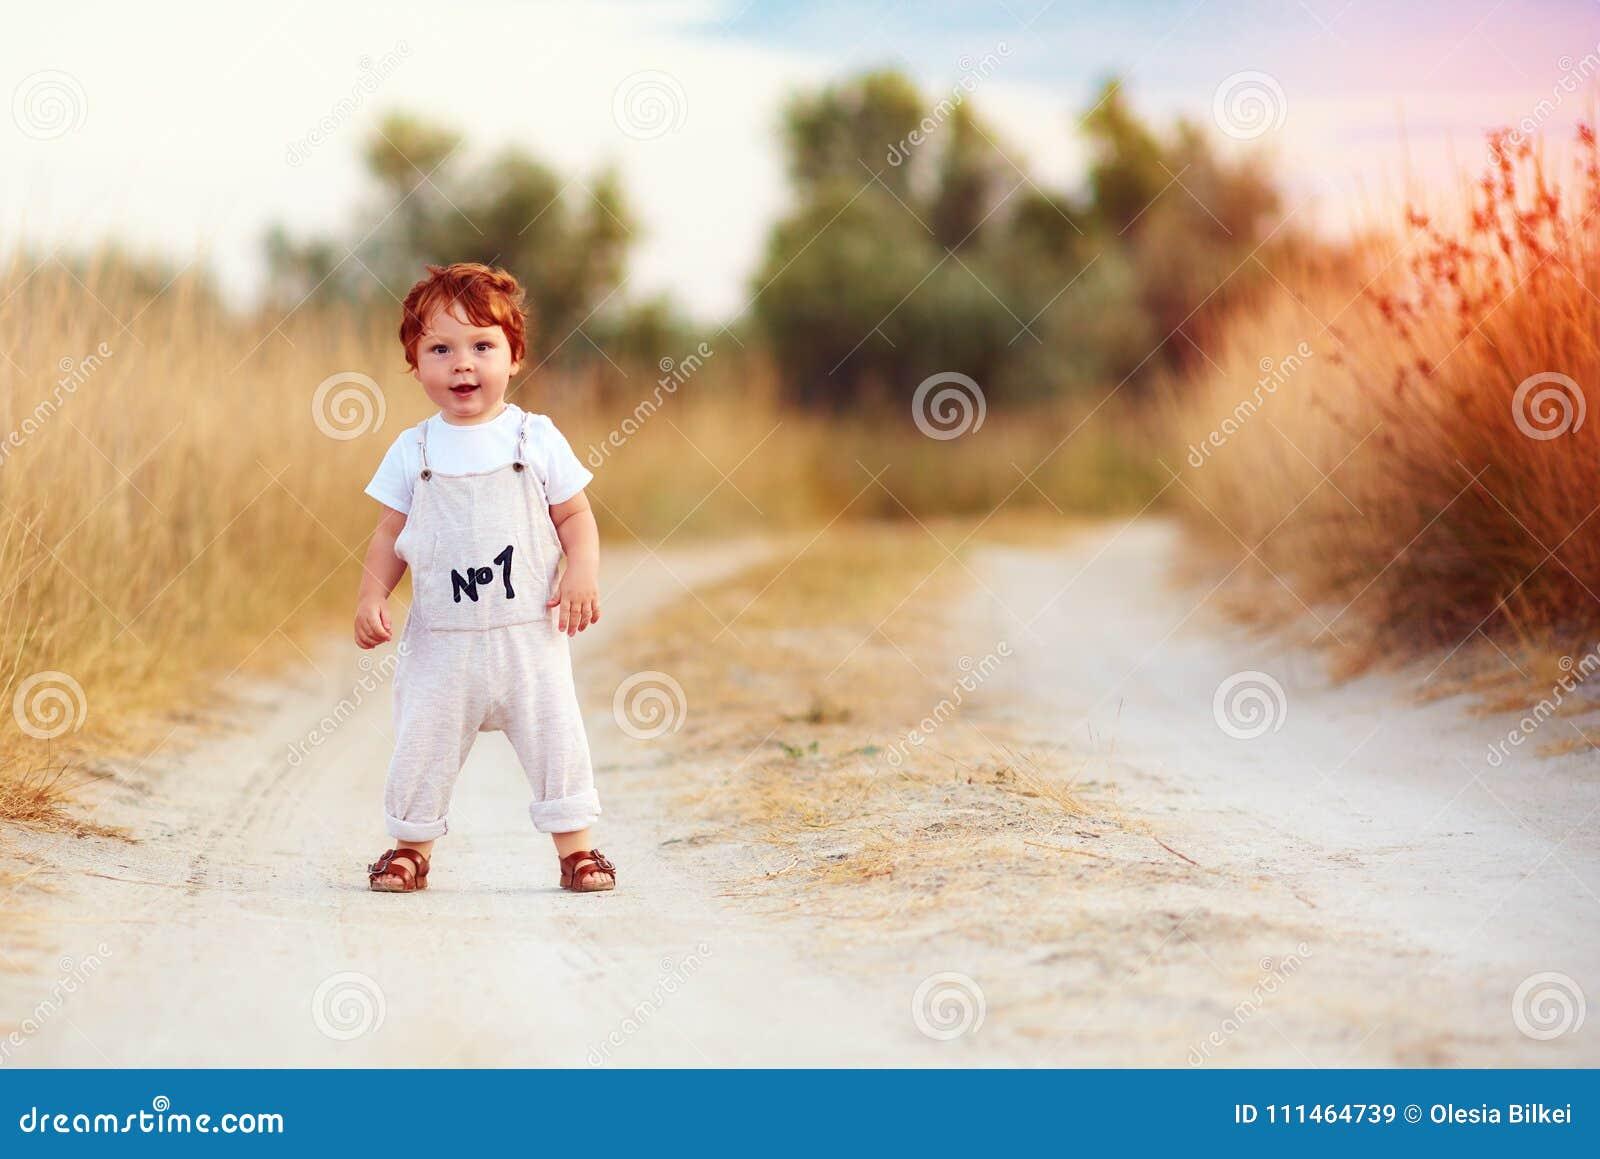 Neonato adorabile del bambino della testarossa in tuta che cammina lungo la strada rurale di estate nel campo scolorito al sole